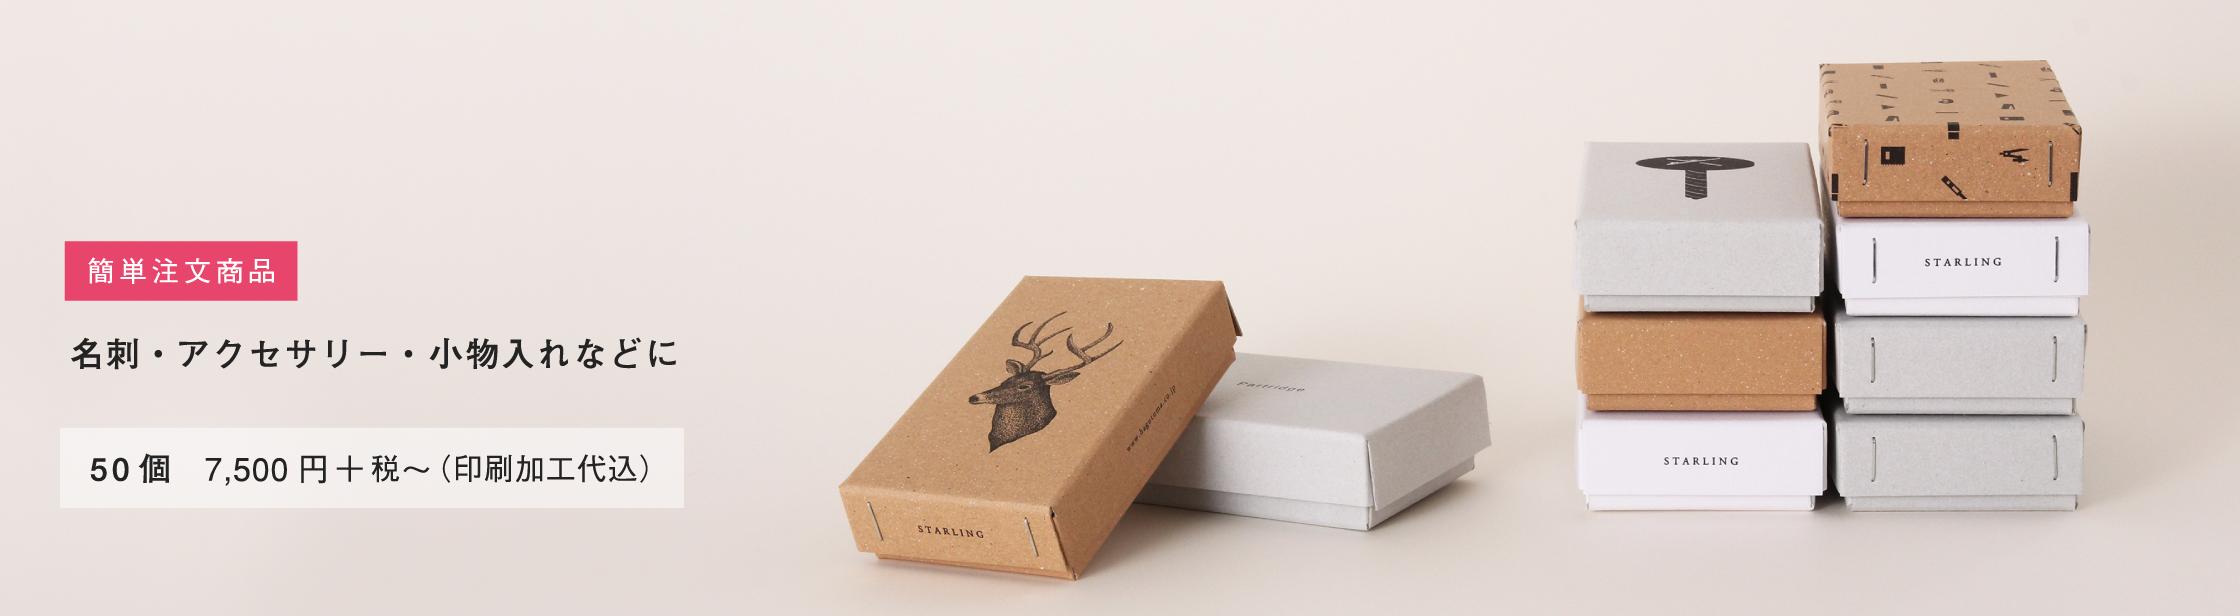 活版印刷で作る クラフトボックス